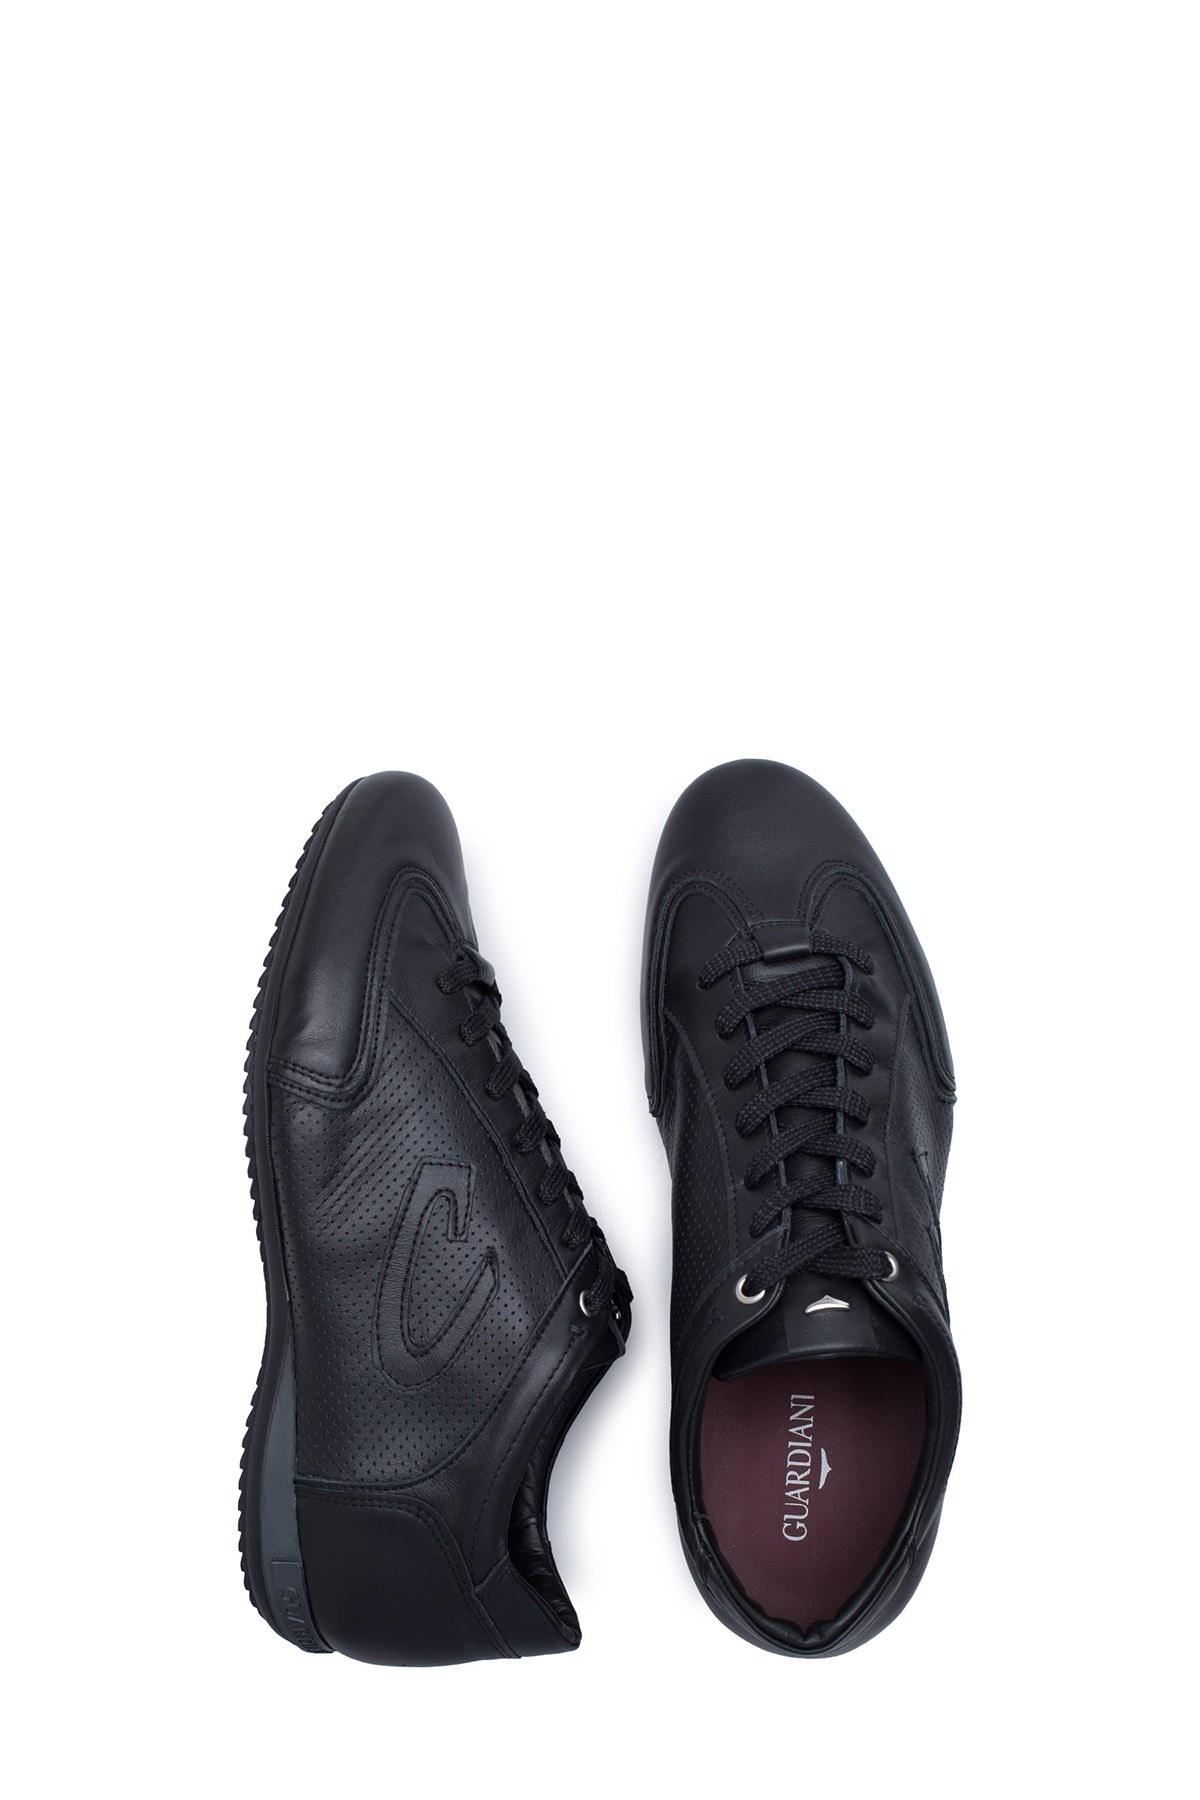 Alberto Guardiani Erkek Ayakkabı AGU101092 SİYAH